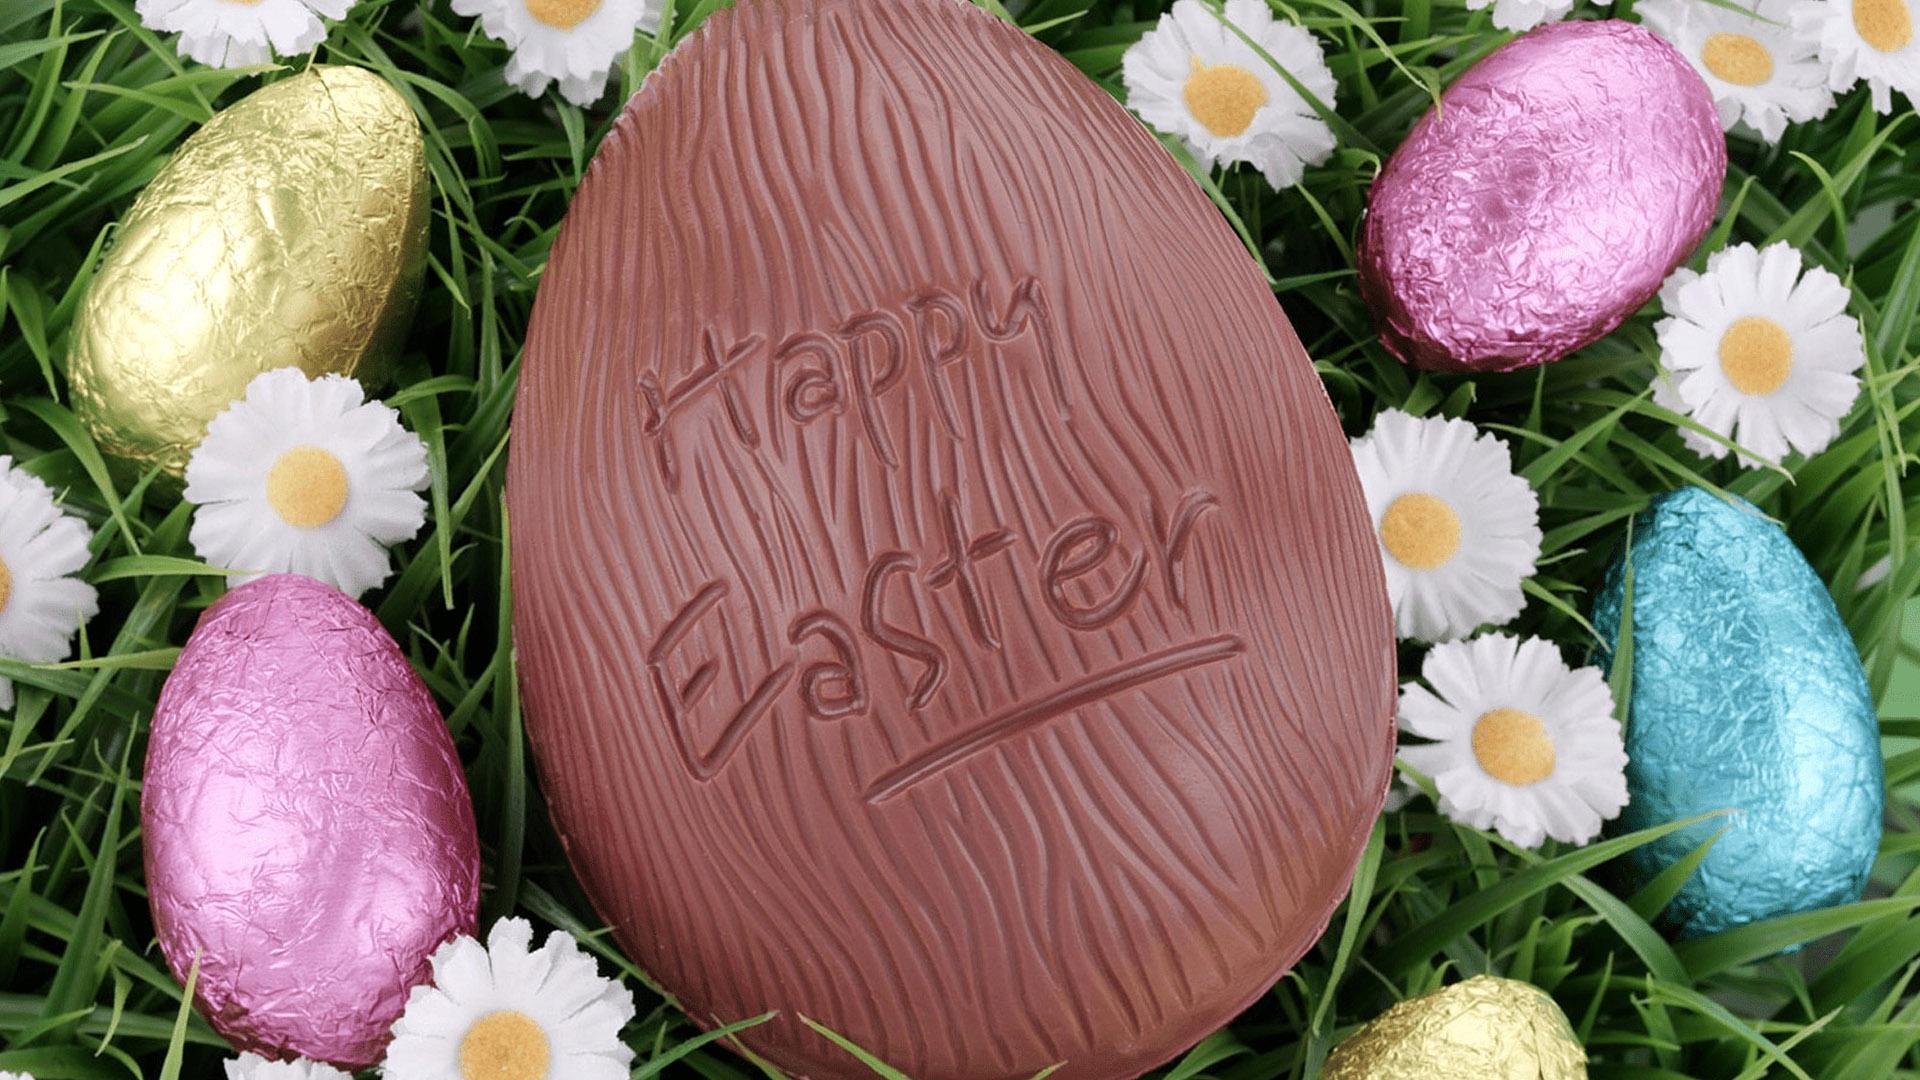 Happy Easter Egg Image For April 2020 Digital Signage